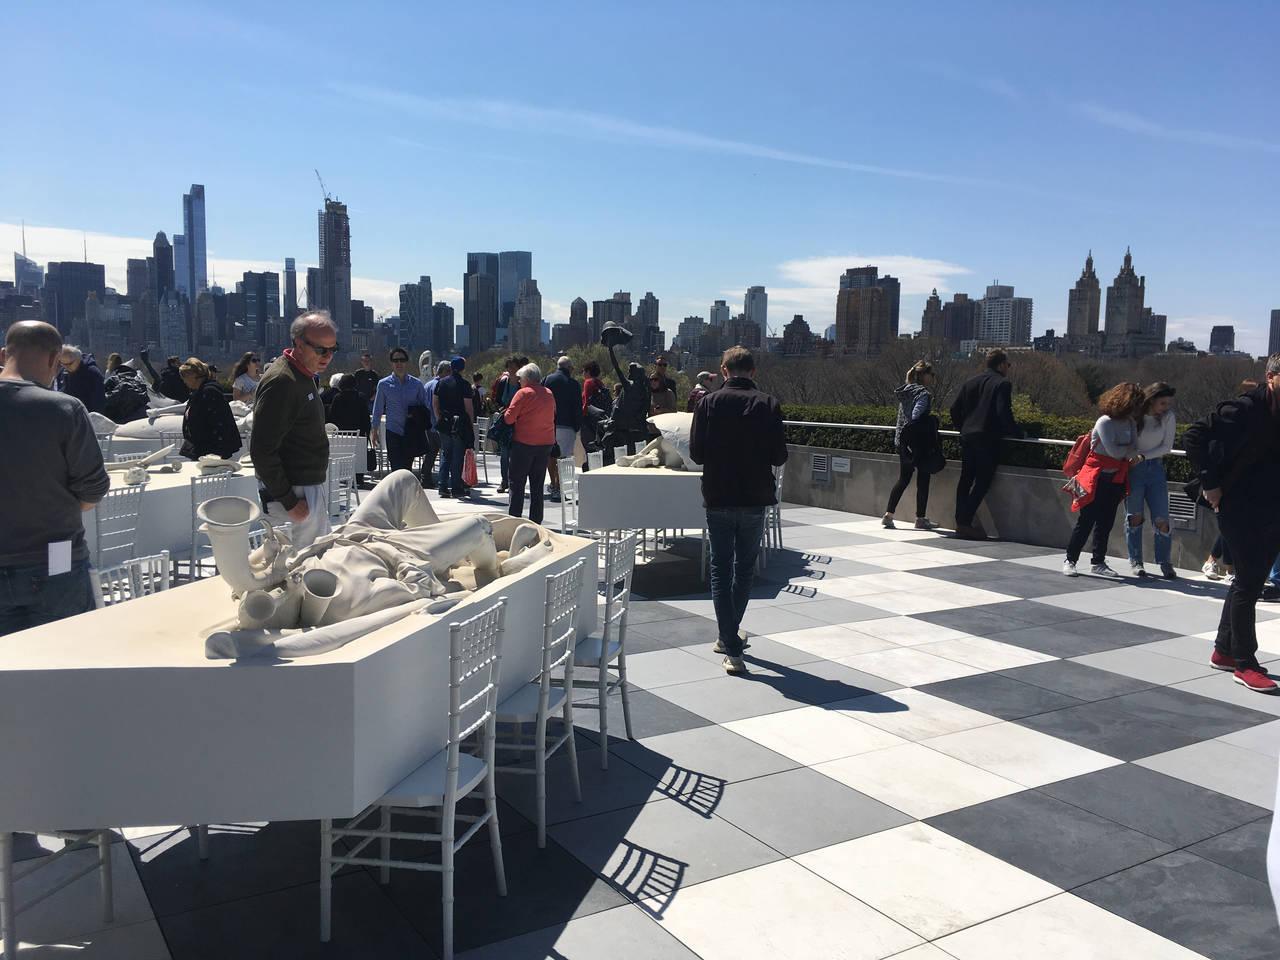 Del Conca_MET New York Roof Garden_collezione due2_1043